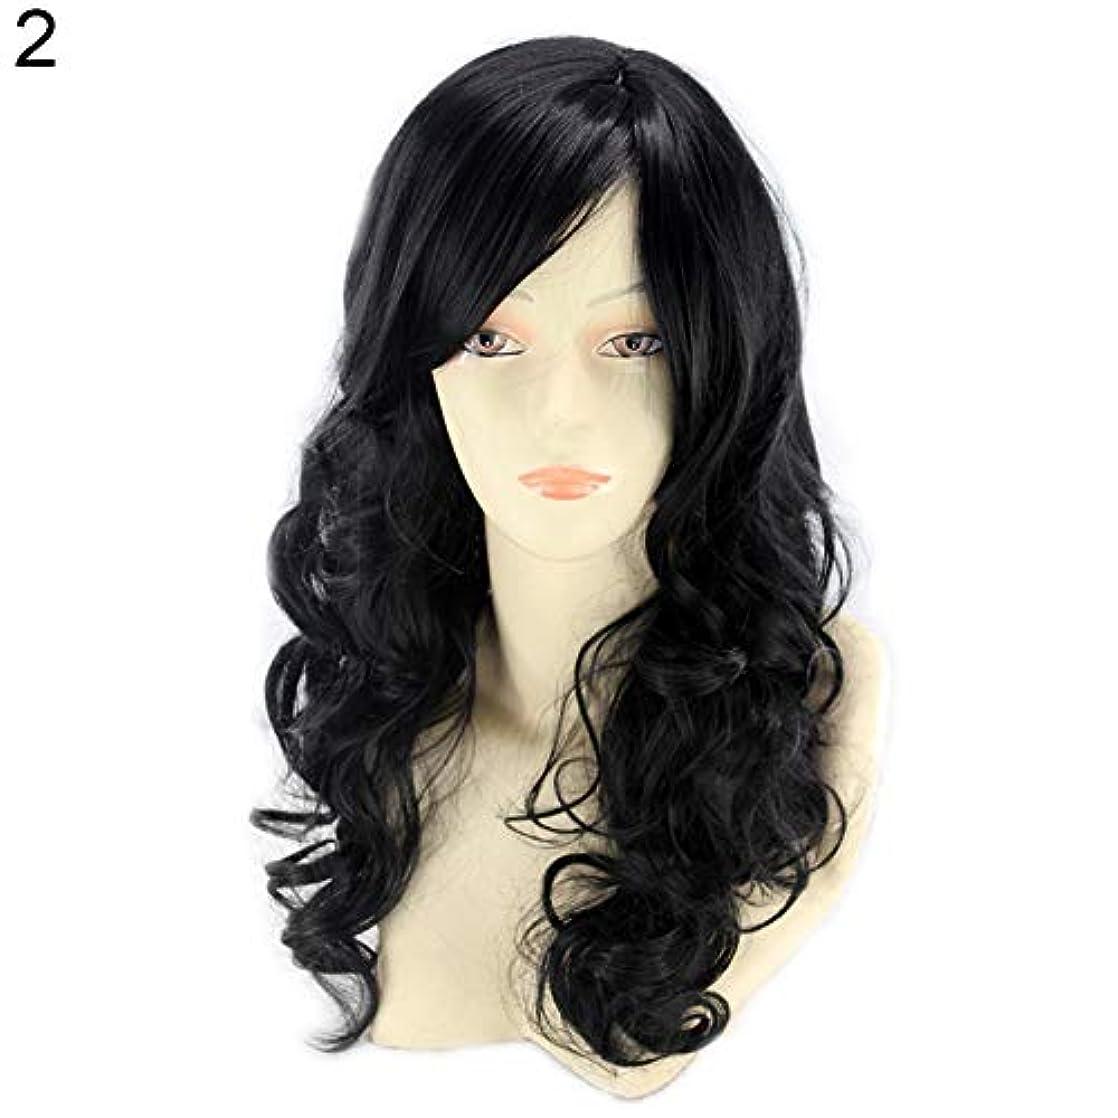 マスタード性的補助slQinjiansav女性ウィッグ修理ツール耐熱性長波状カーリーウィッグ傾斜フリンジマット合成繊維髪